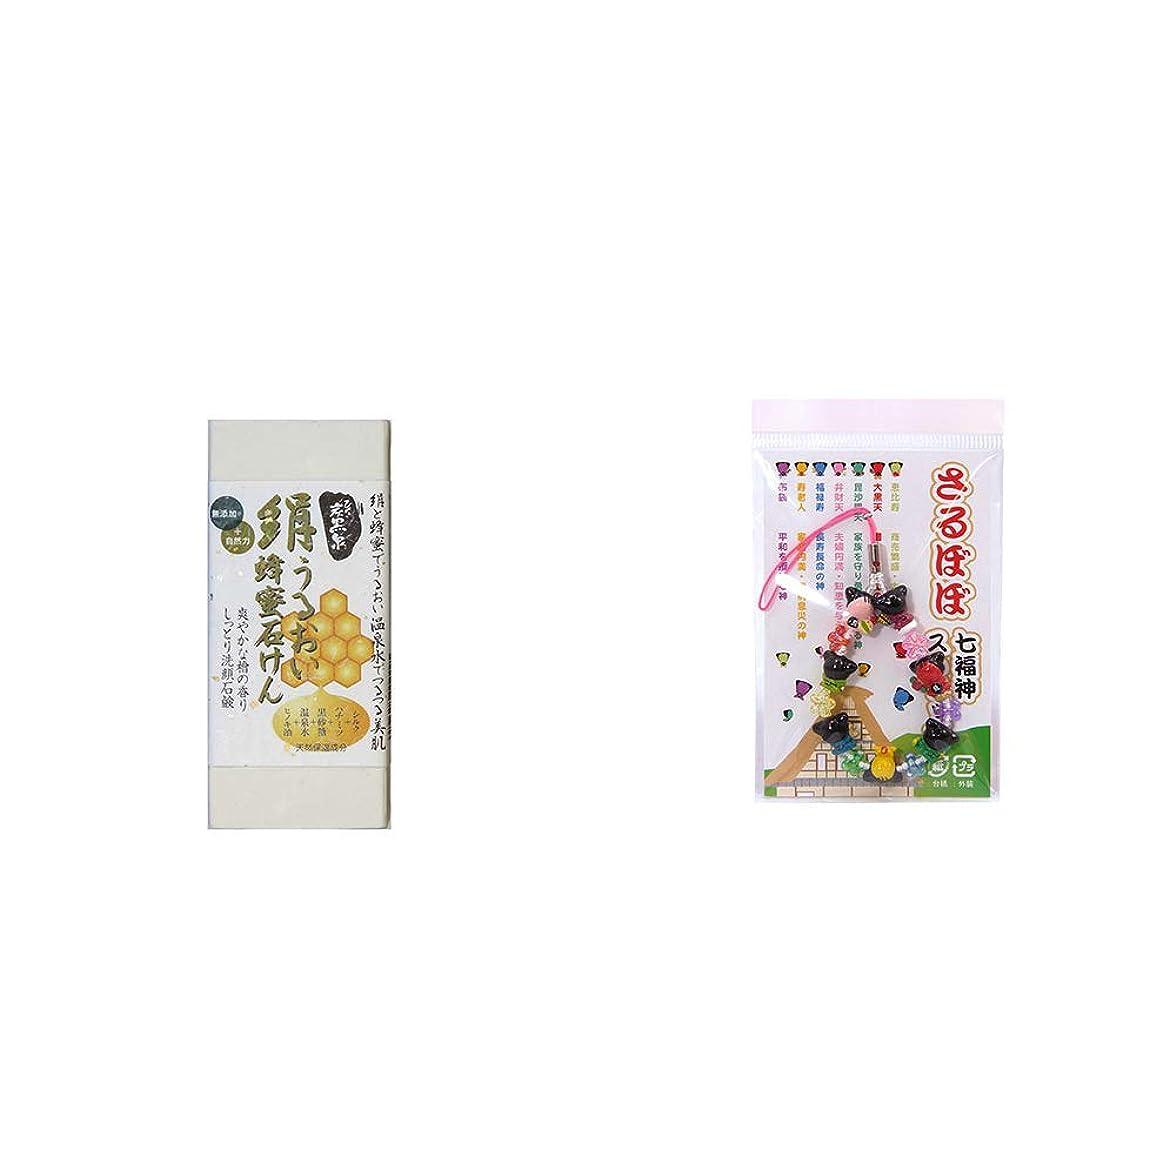 ホームサイト稚魚[2点セット] ひのき炭黒泉 絹うるおい蜂蜜石けん(75g×2)?さるぼぼ七福神ストラップ/縁結び?魔除け //